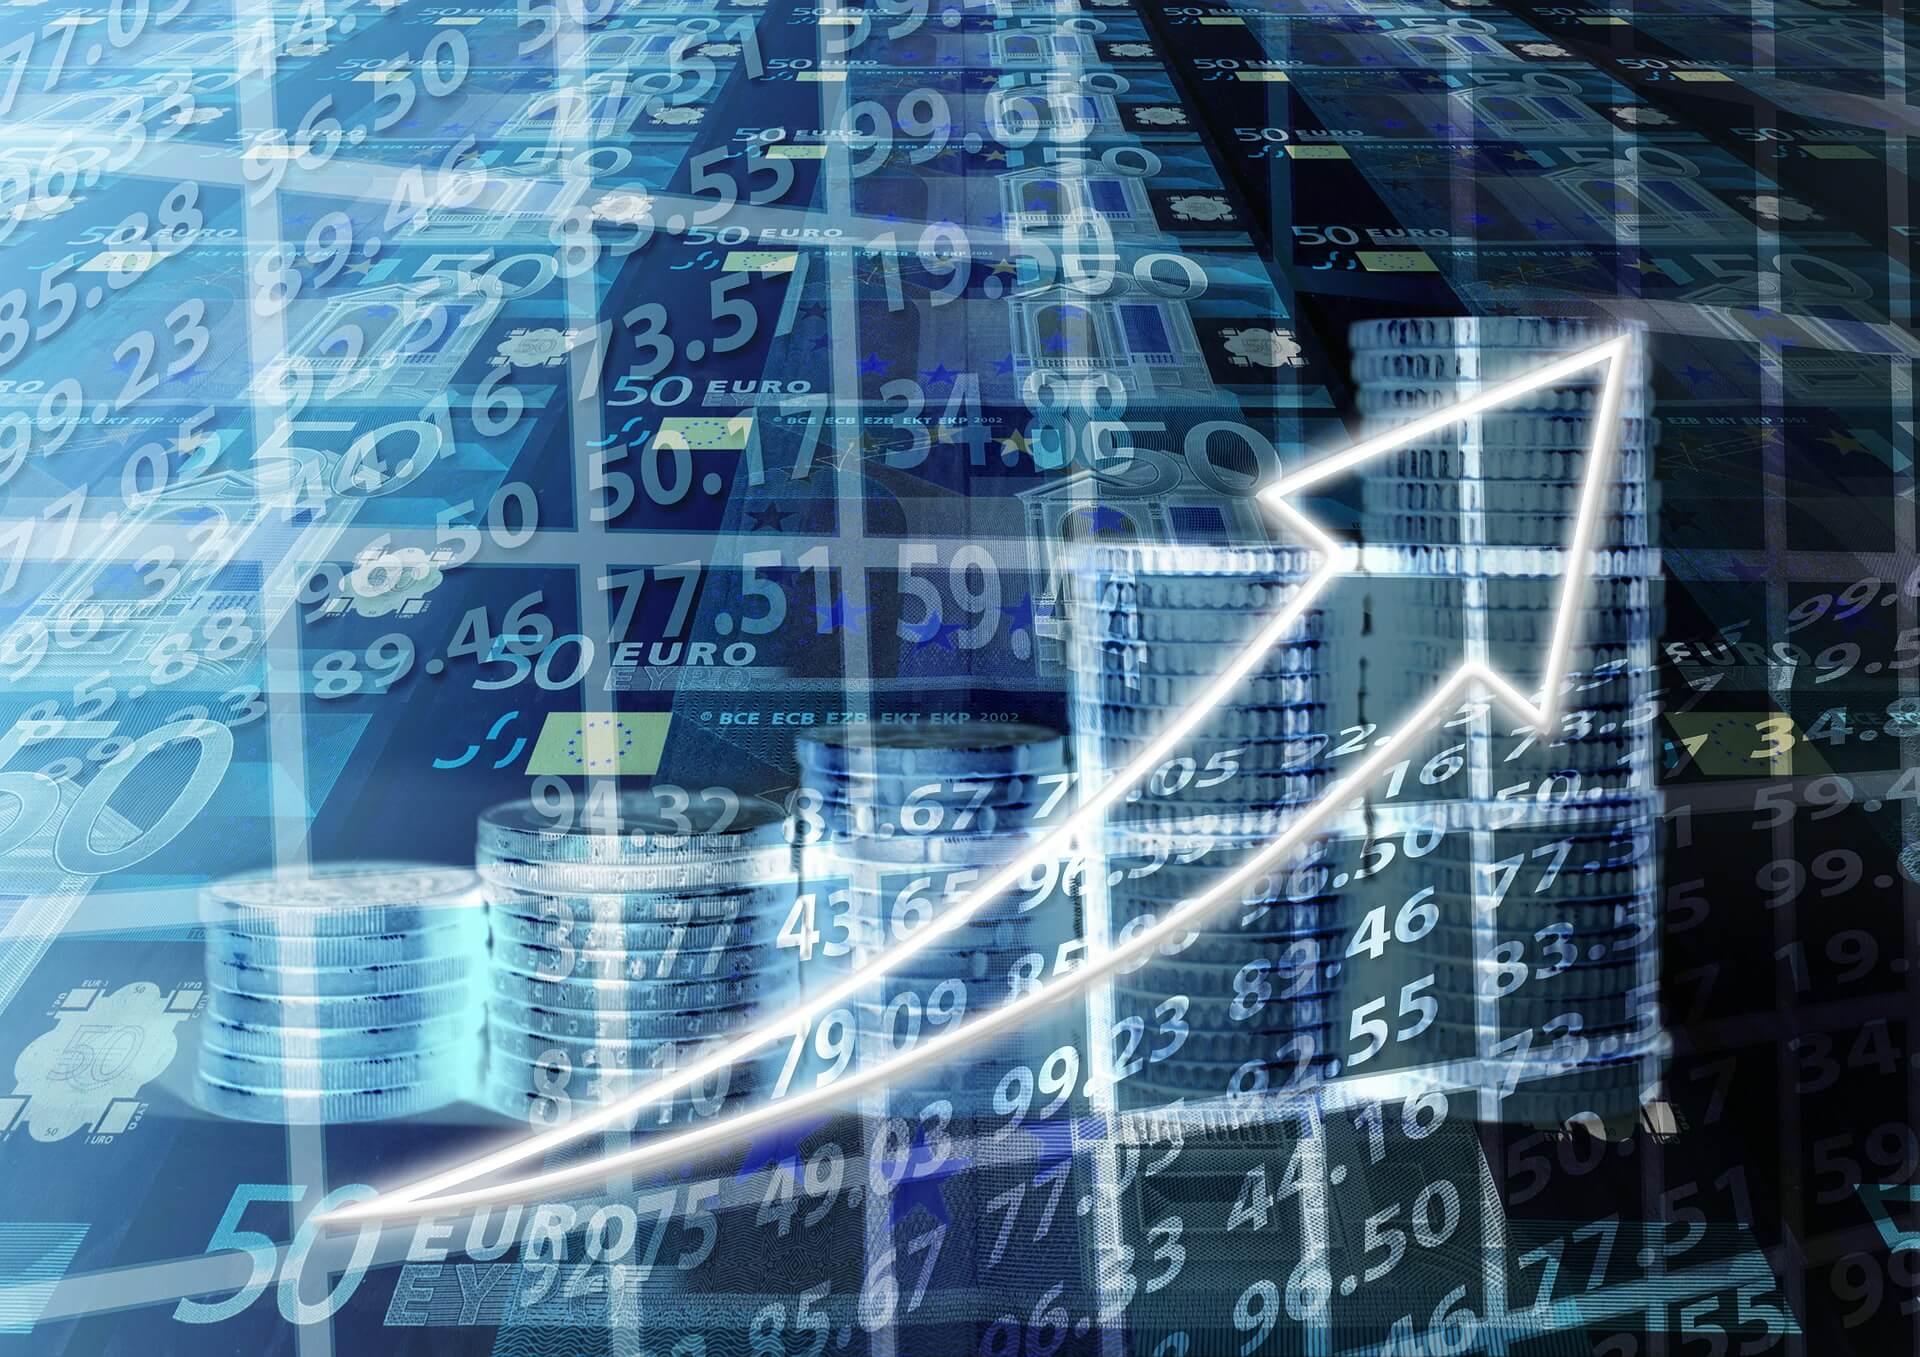 Avance de ganancias de Thermon Group Holdings